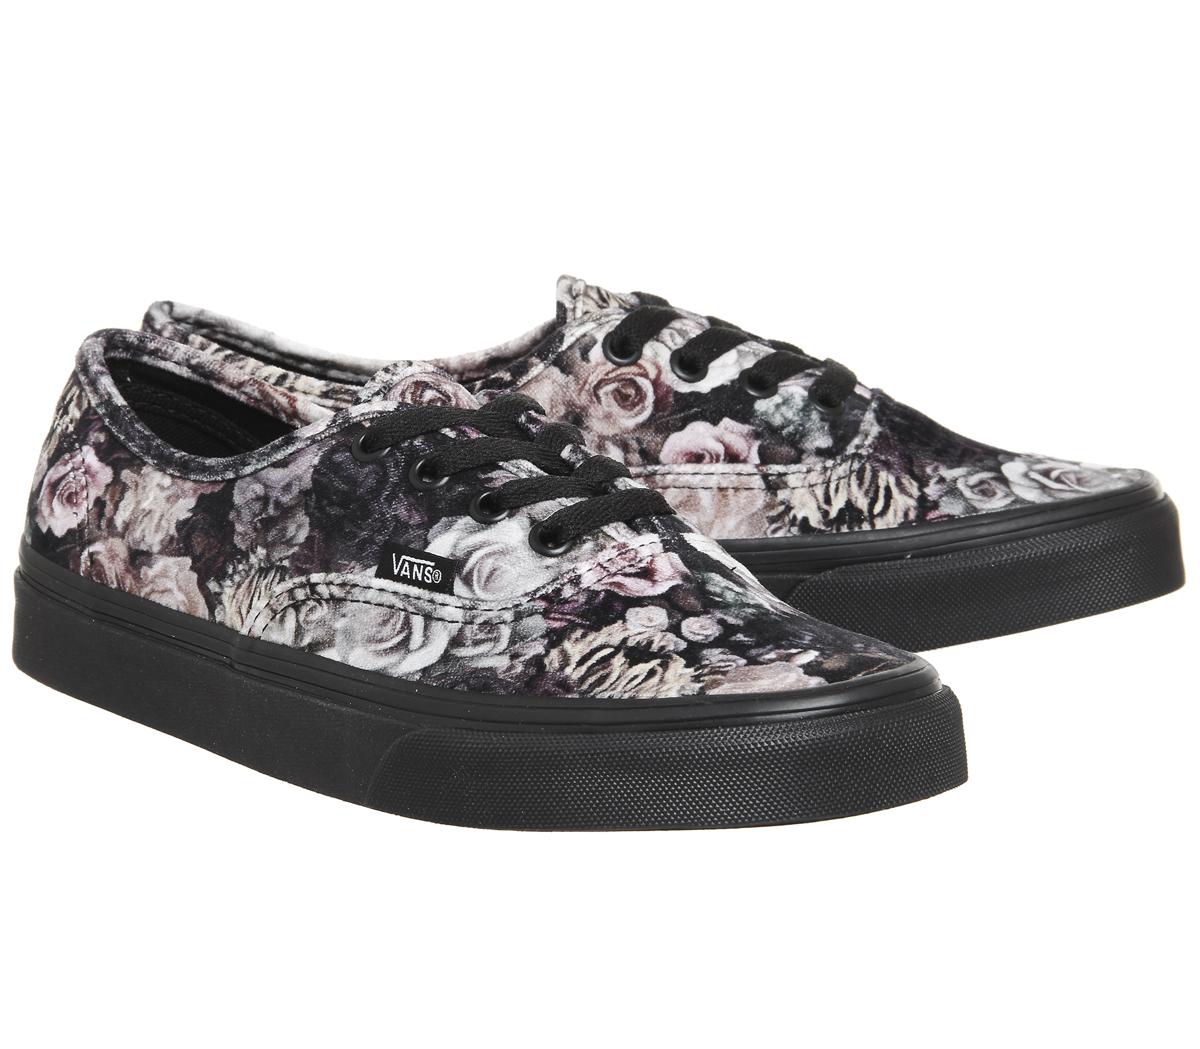 5bd718cbaa Womens Vans Authentic Trainers VELVET FLORAL BLACK Trainers Shoes